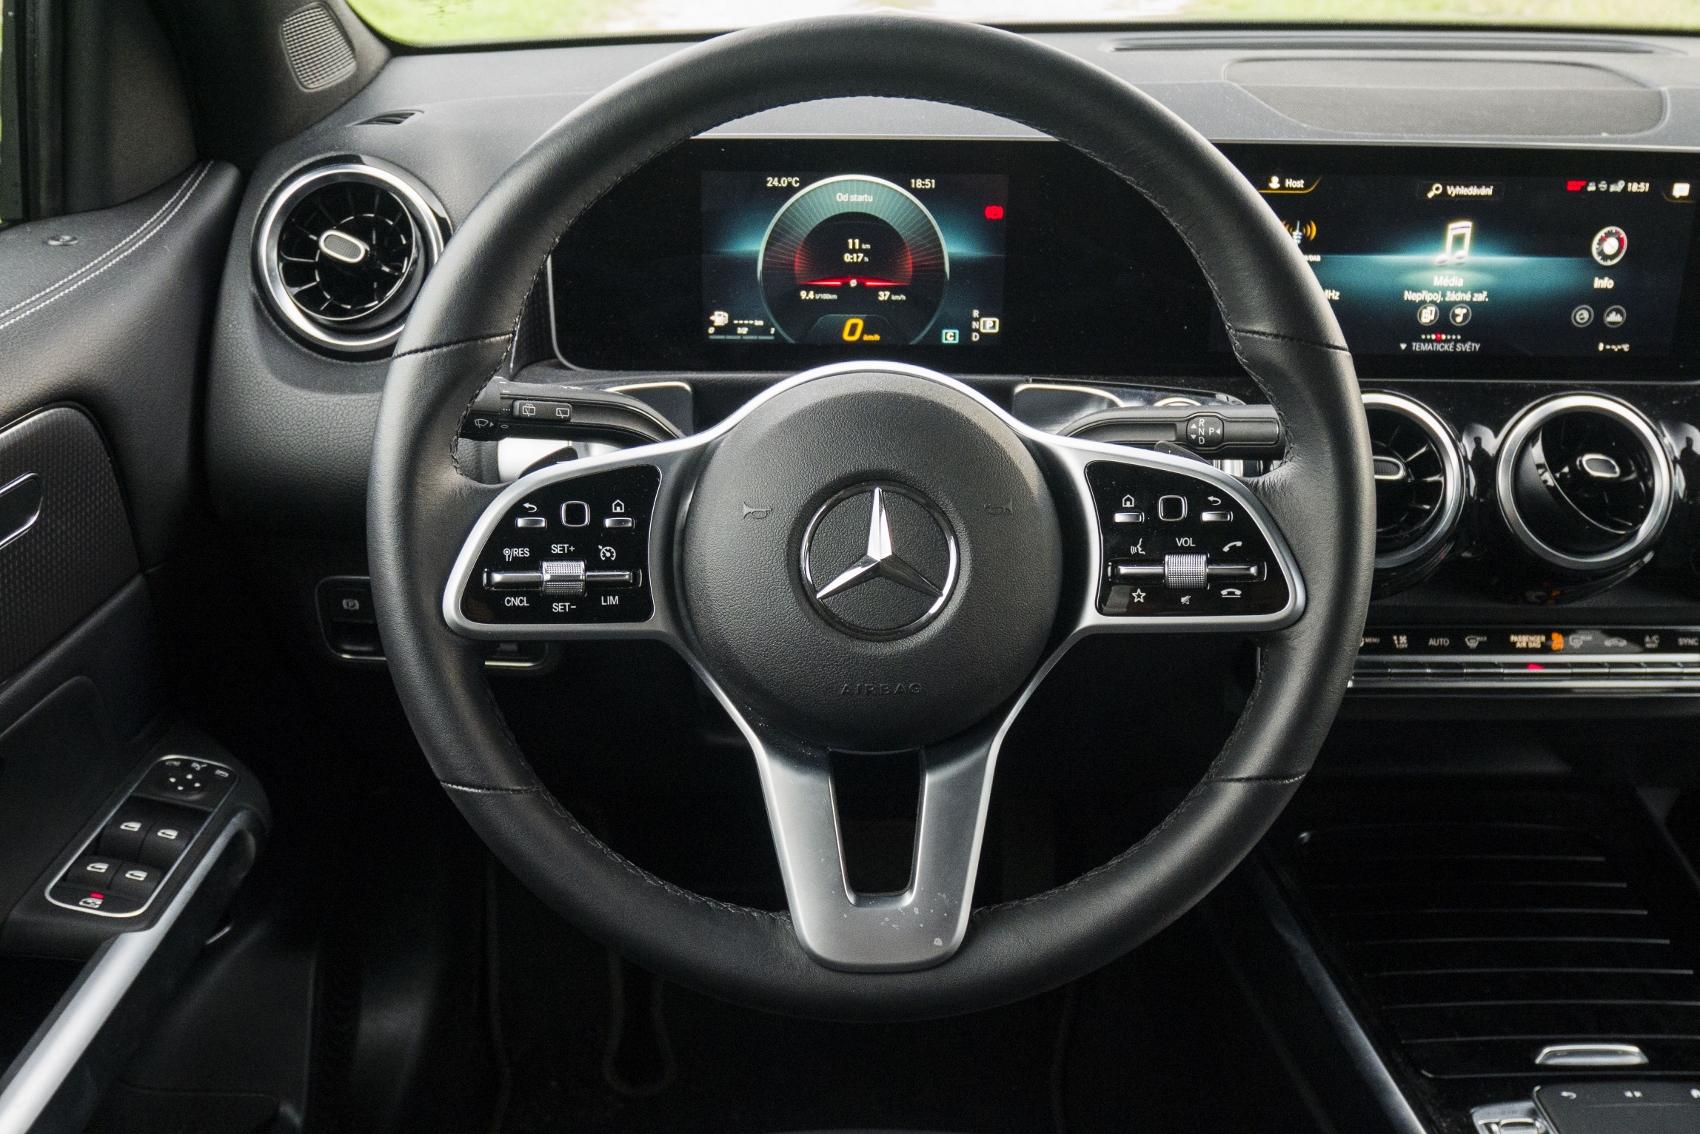 Test: Mercedes GLB 200 ponúka veľký priestor v malom balení 02LOlMkZlU mercedes-glb-26-1700x1134